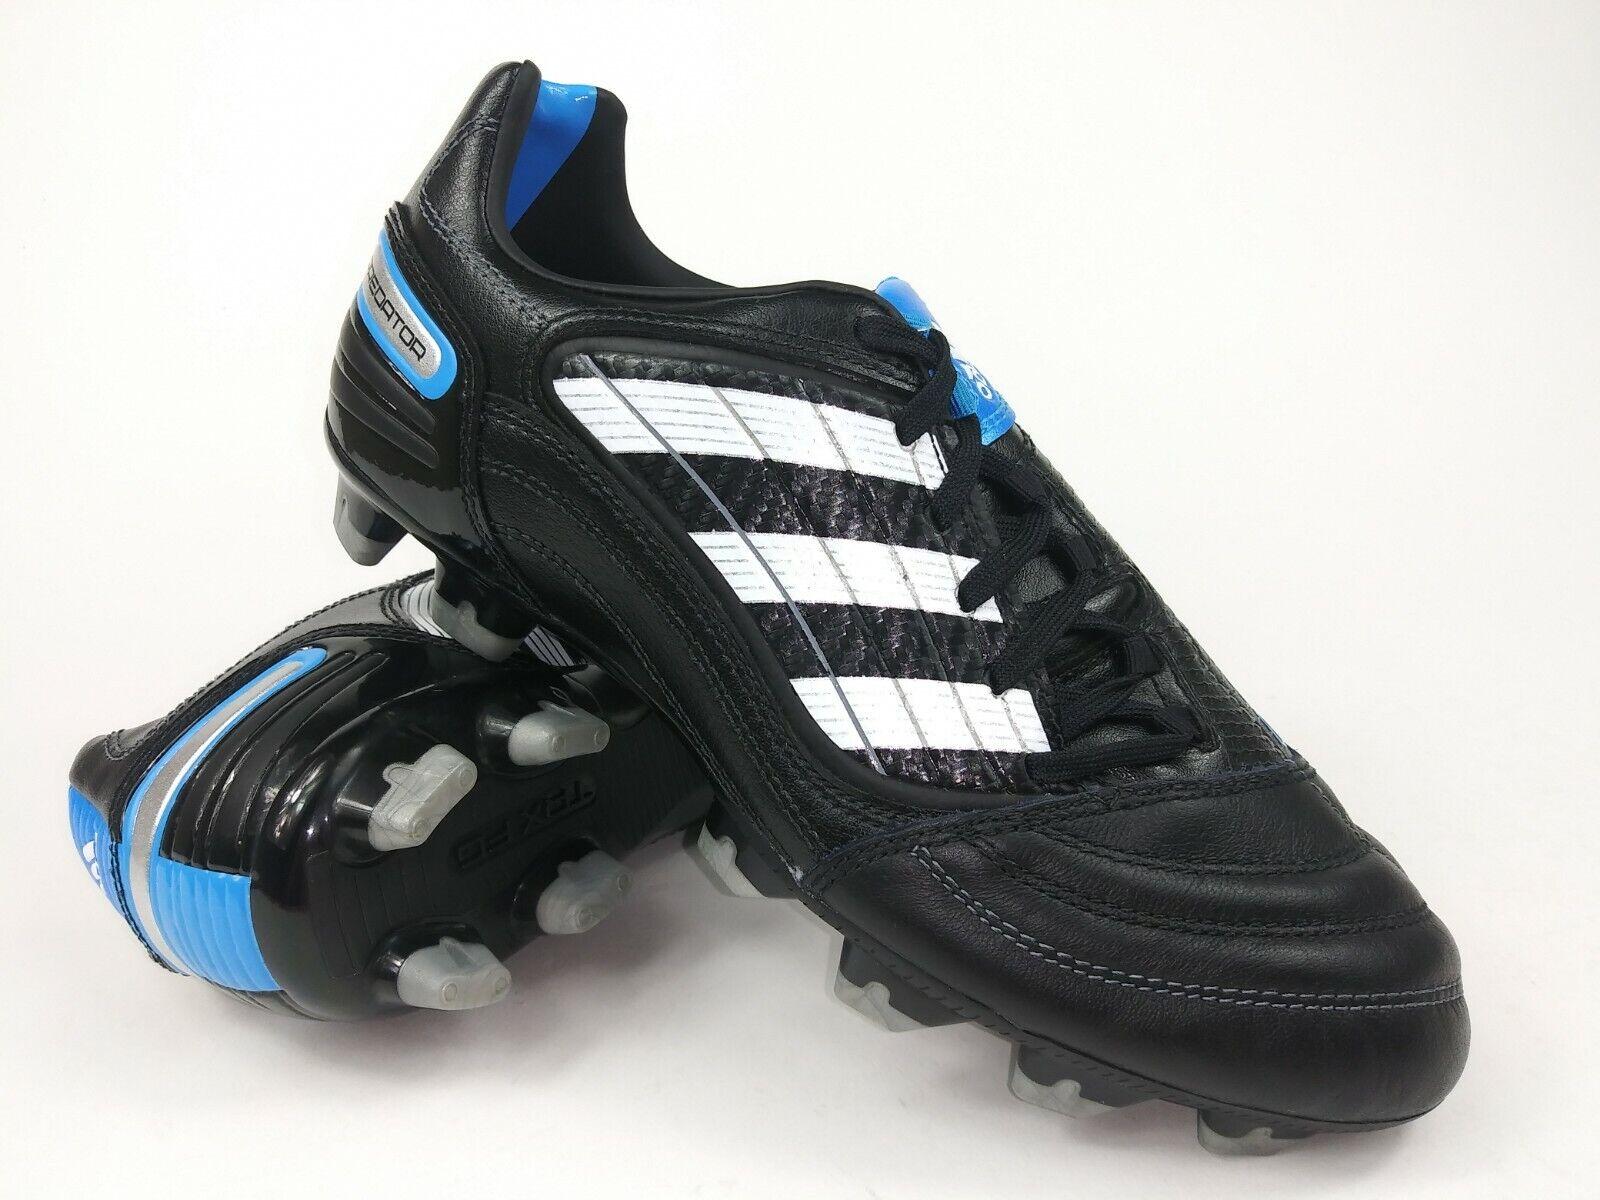 Adidas Herren Rare P Absolado_X Fg G19938 Schwarz Weiß Fußball Stollen